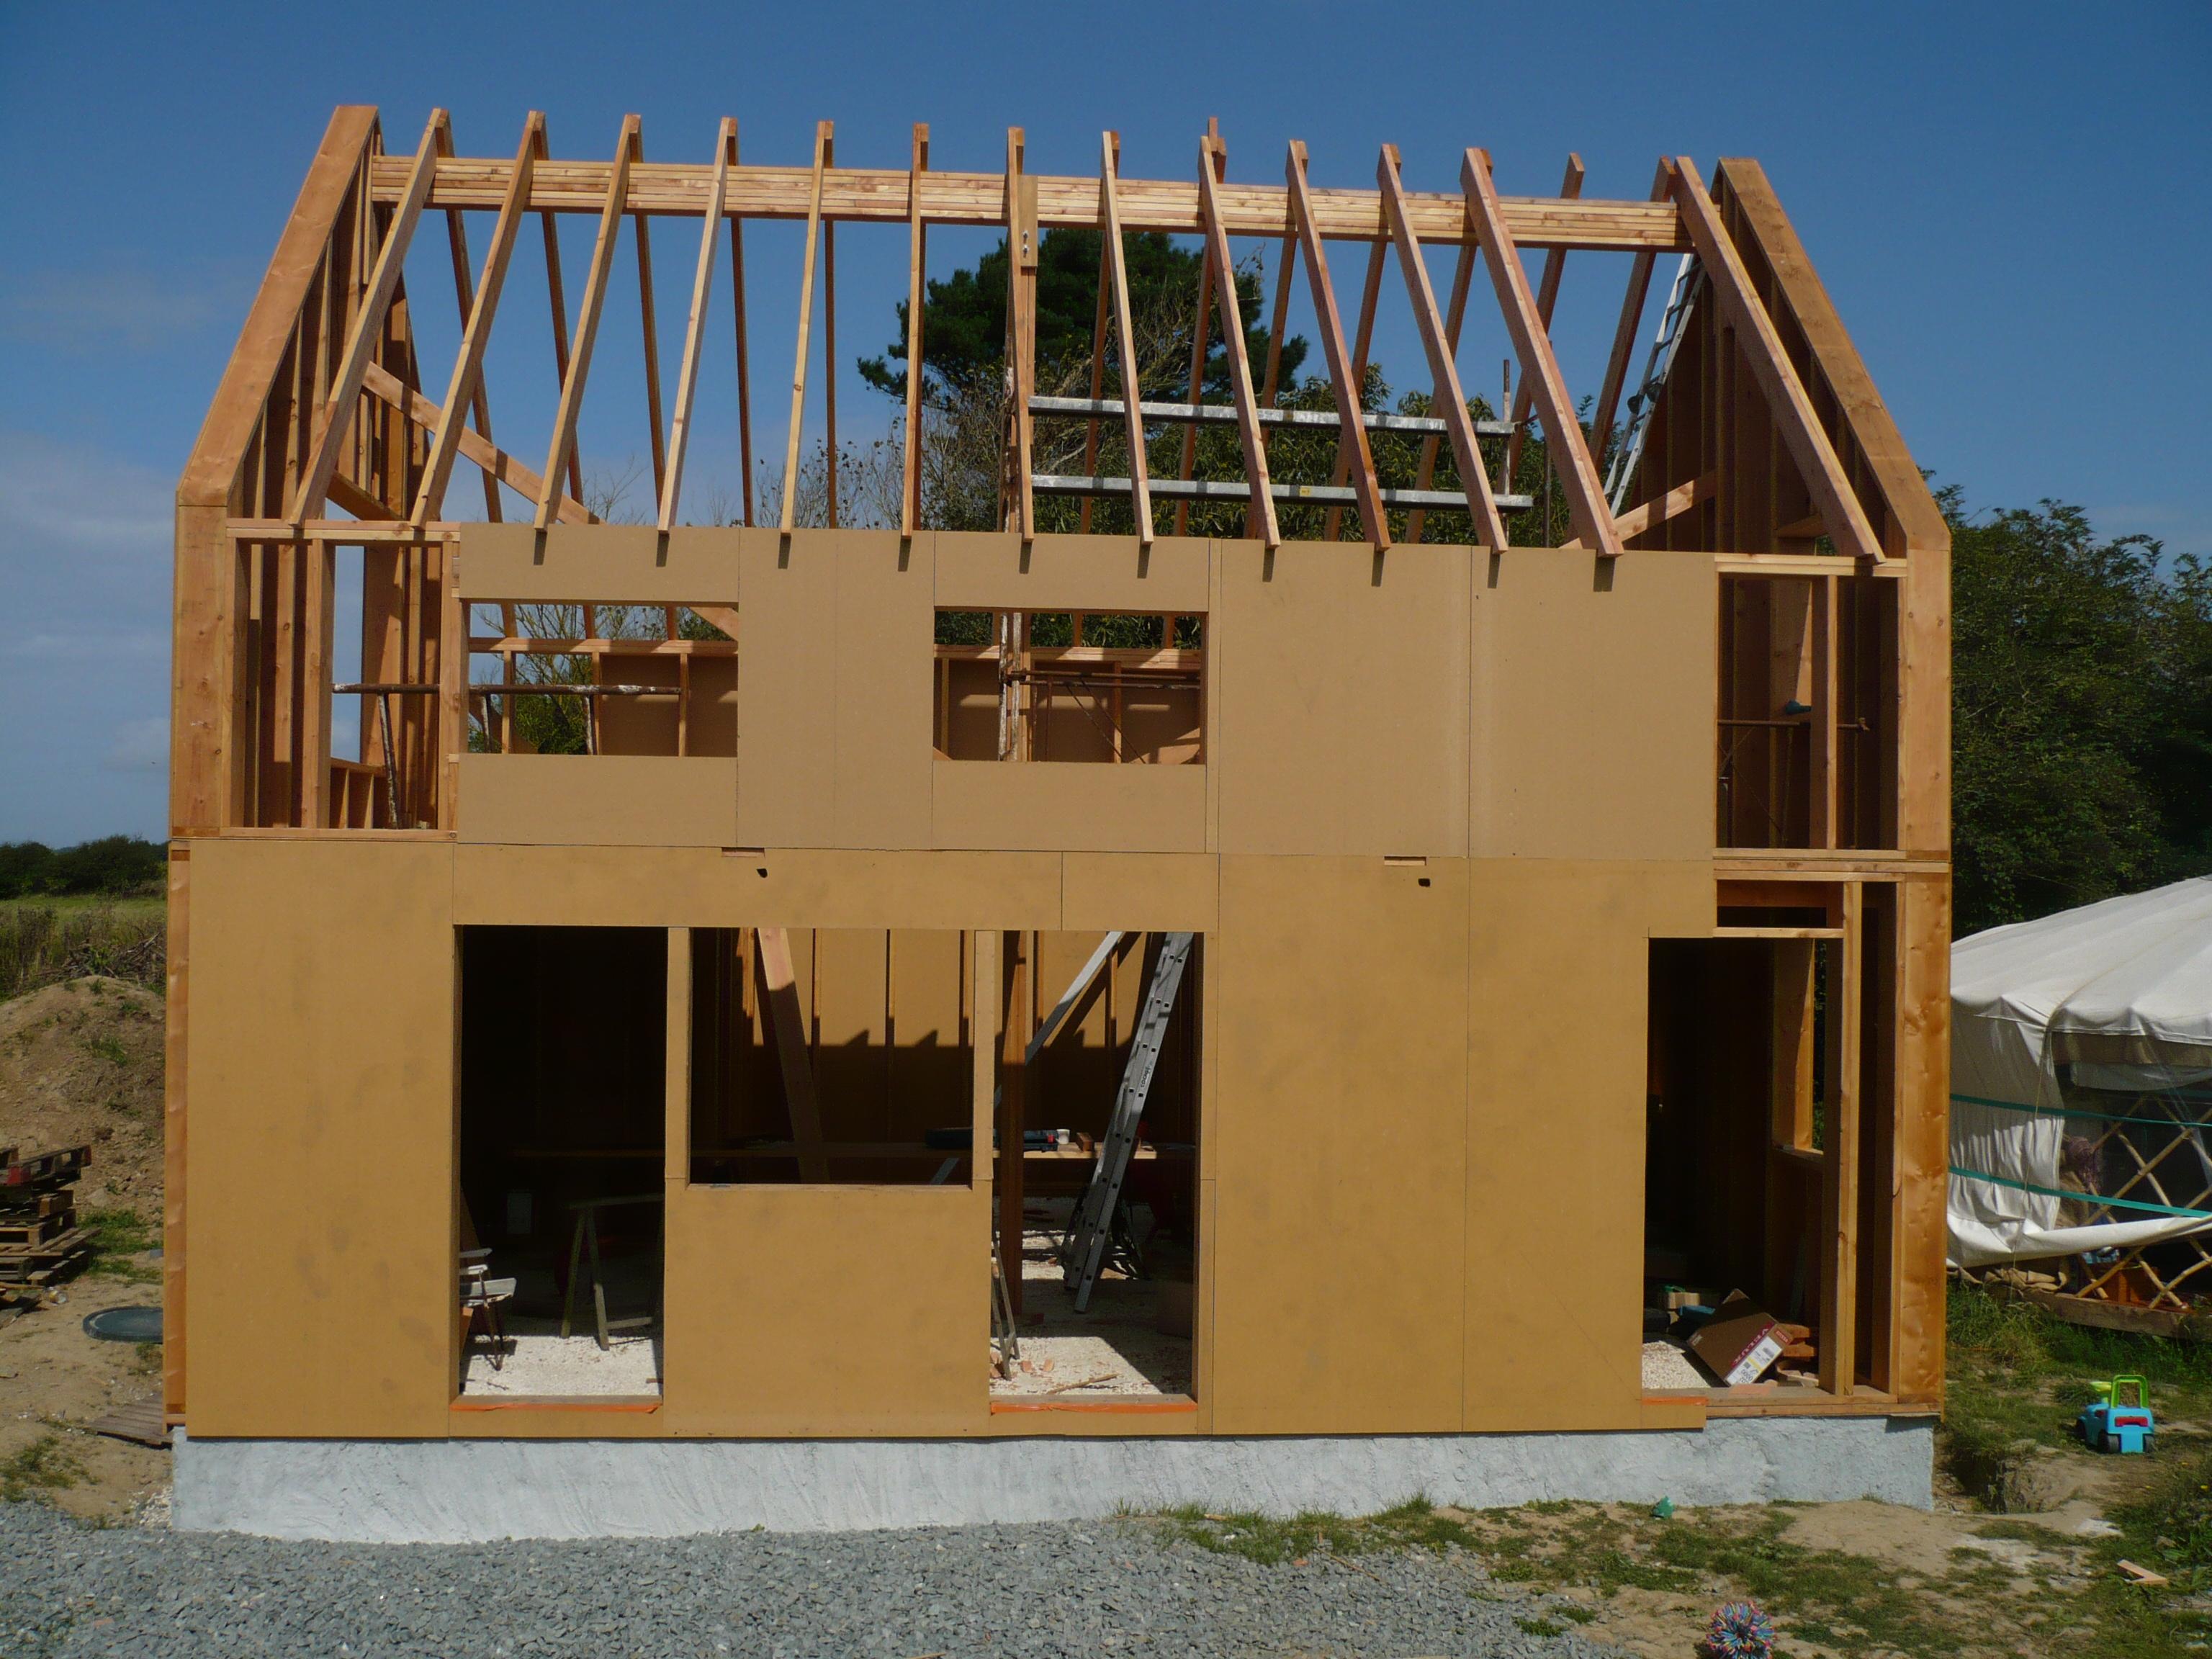 une petite maison paille tyerra architectes. Black Bedroom Furniture Sets. Home Design Ideas